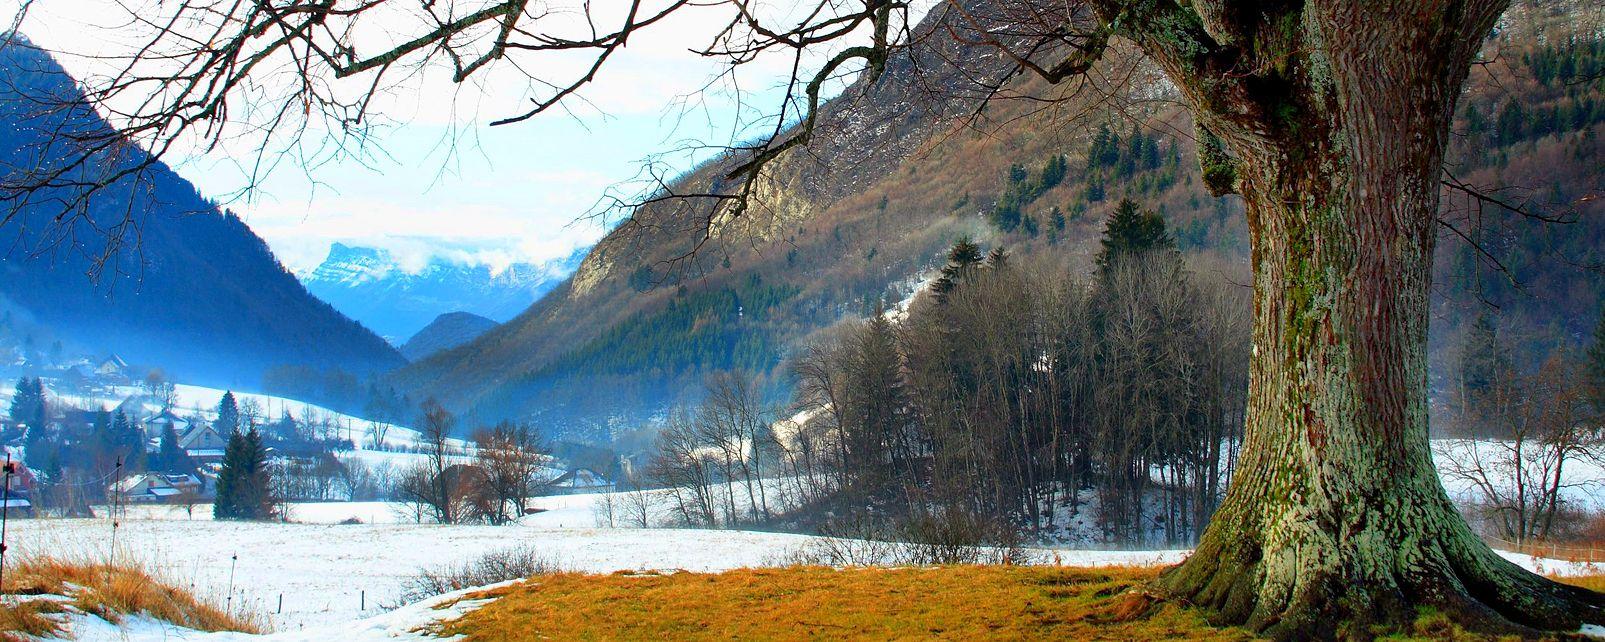 Le parc naturel régional de la Chartreuse , Chartreuse Regional National Park , France